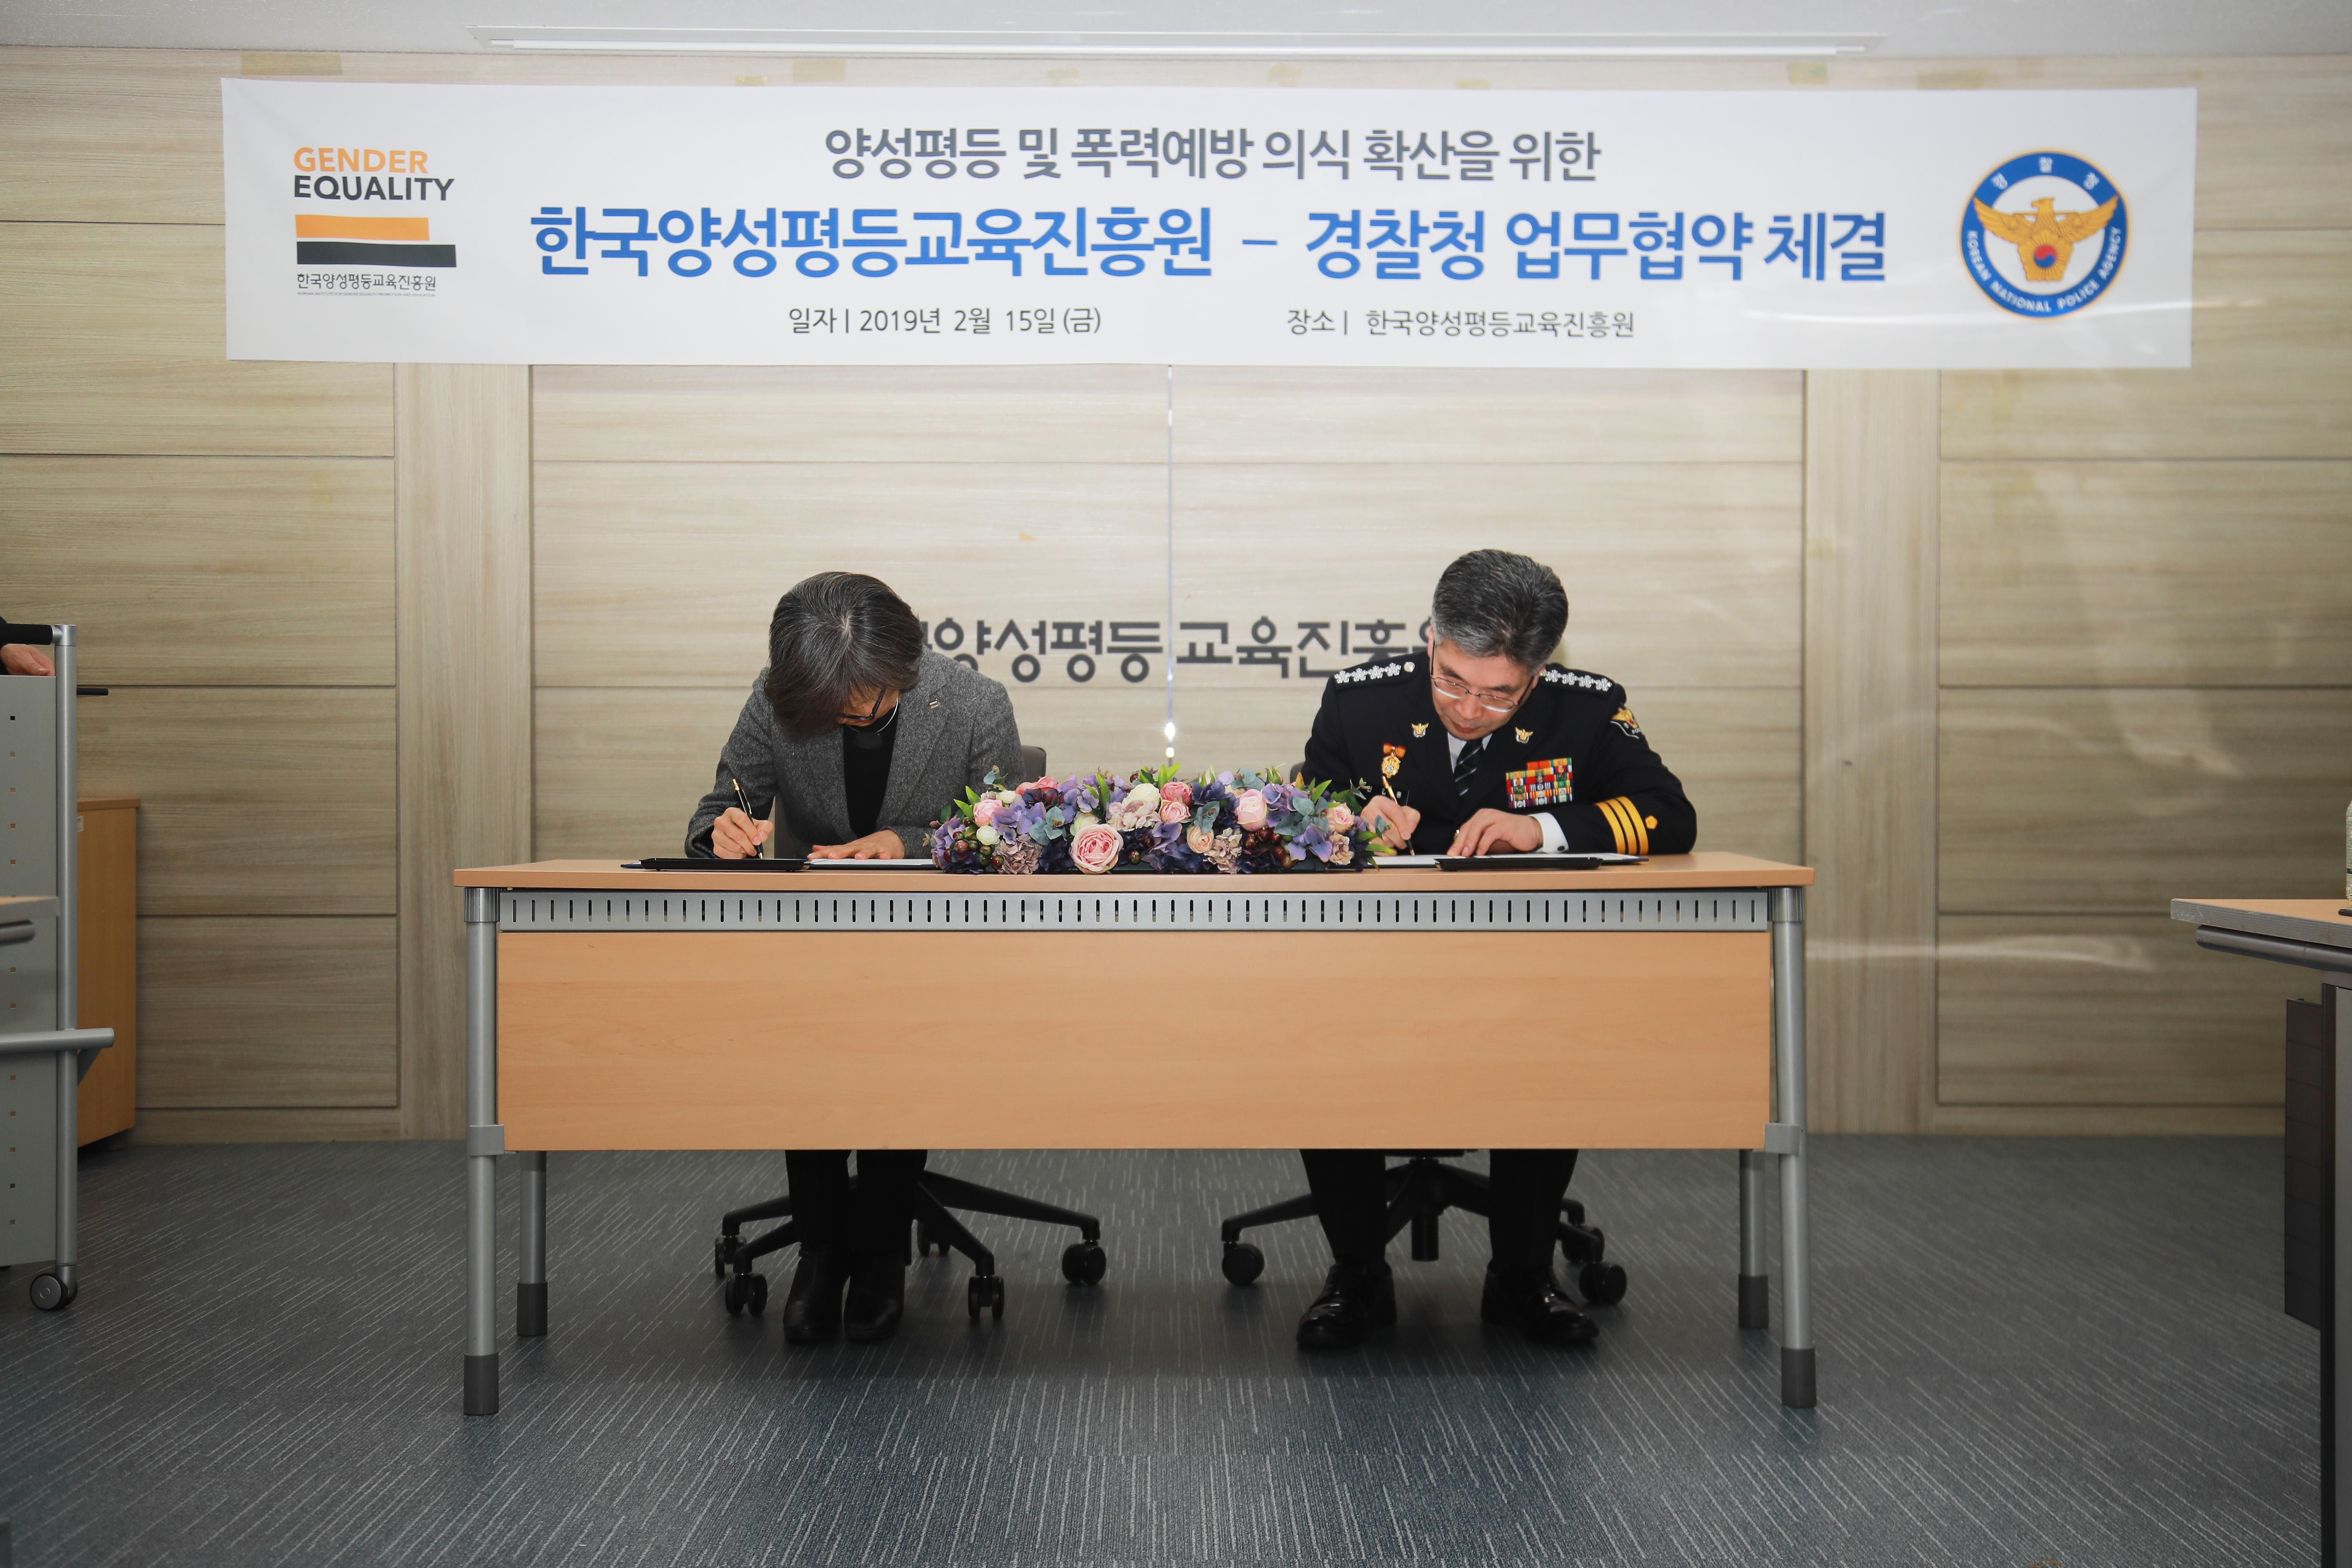 경찰청-한국양성평등교육진흥원 업무협약